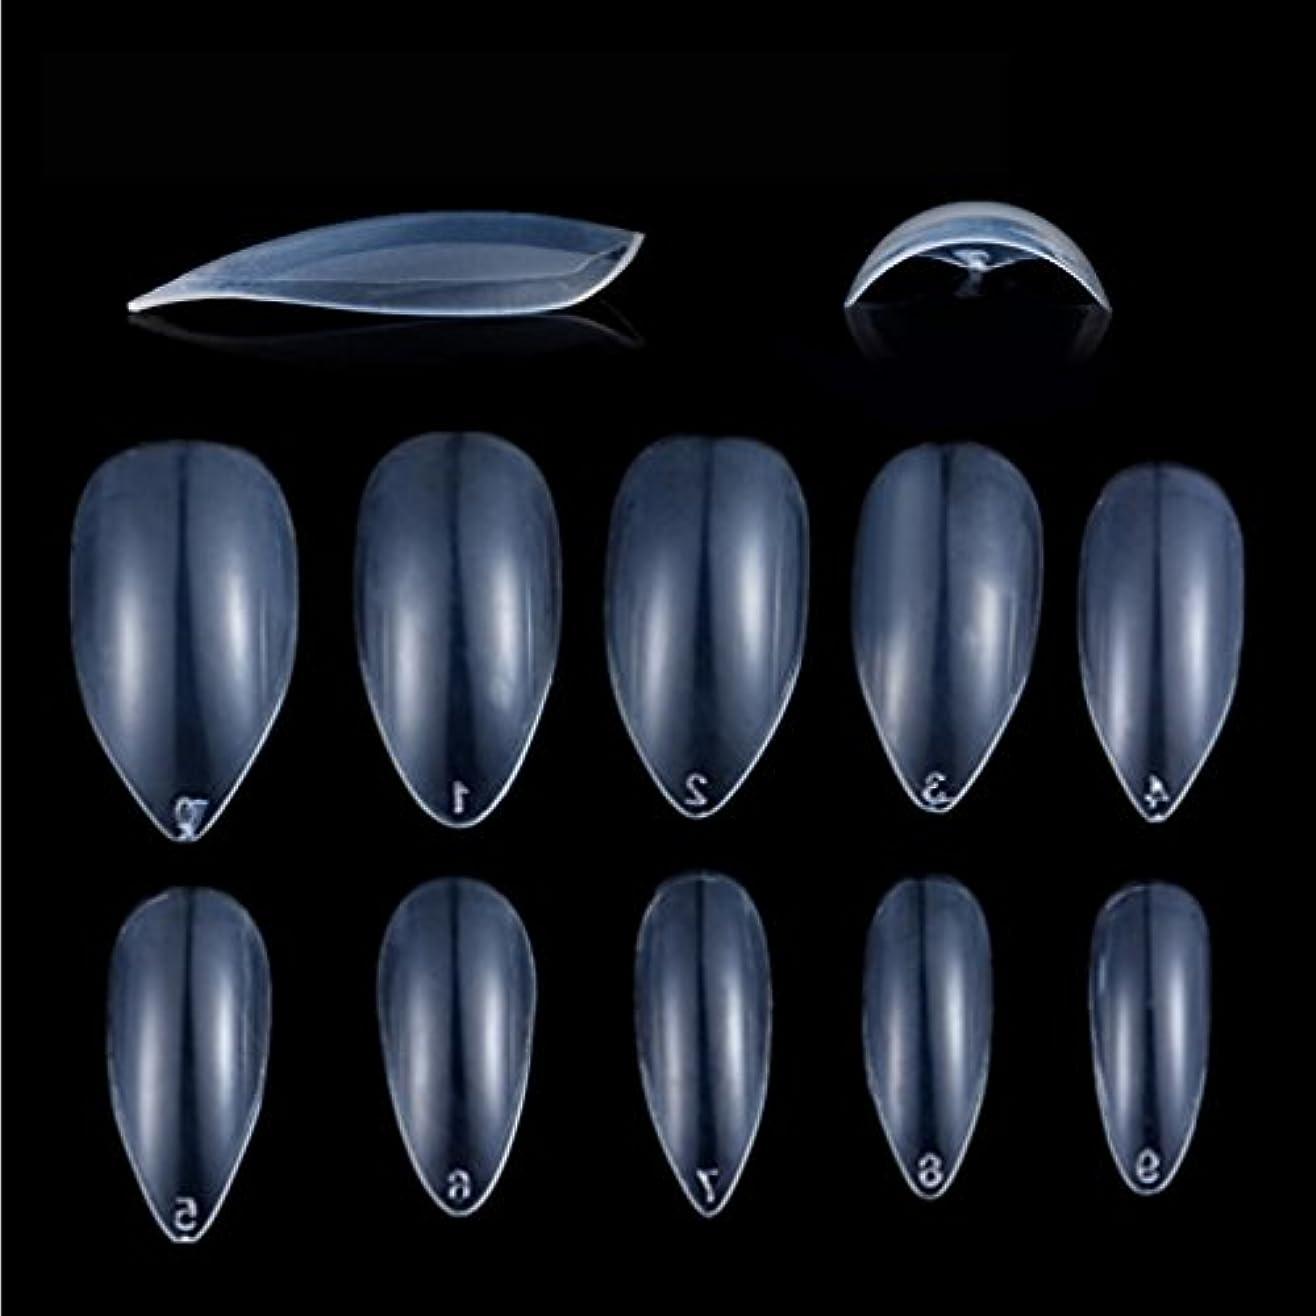 計画甘味上Honel つけ爪 無地 ショート ネイルチップ クリア ネイルチップ 短い 600枚入れ 10サイズ 爪にピッタリ 付け爪 練習用 透明 シャープ ポイント (ハロウィン コスプレも対応できます)